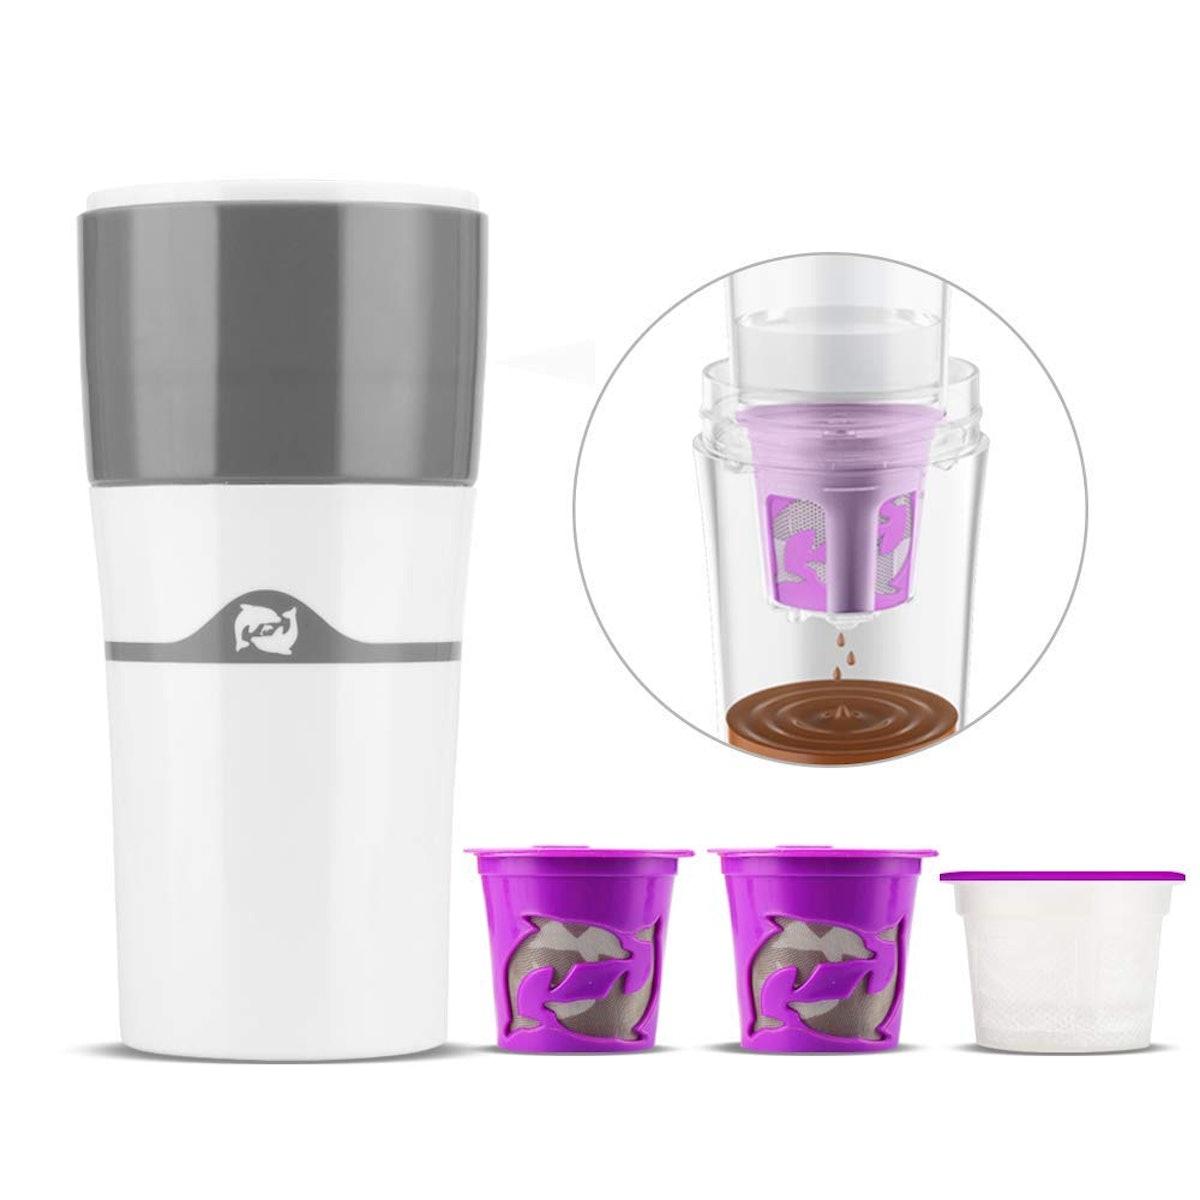 BRBHOM Portable Drip Coffee Maker